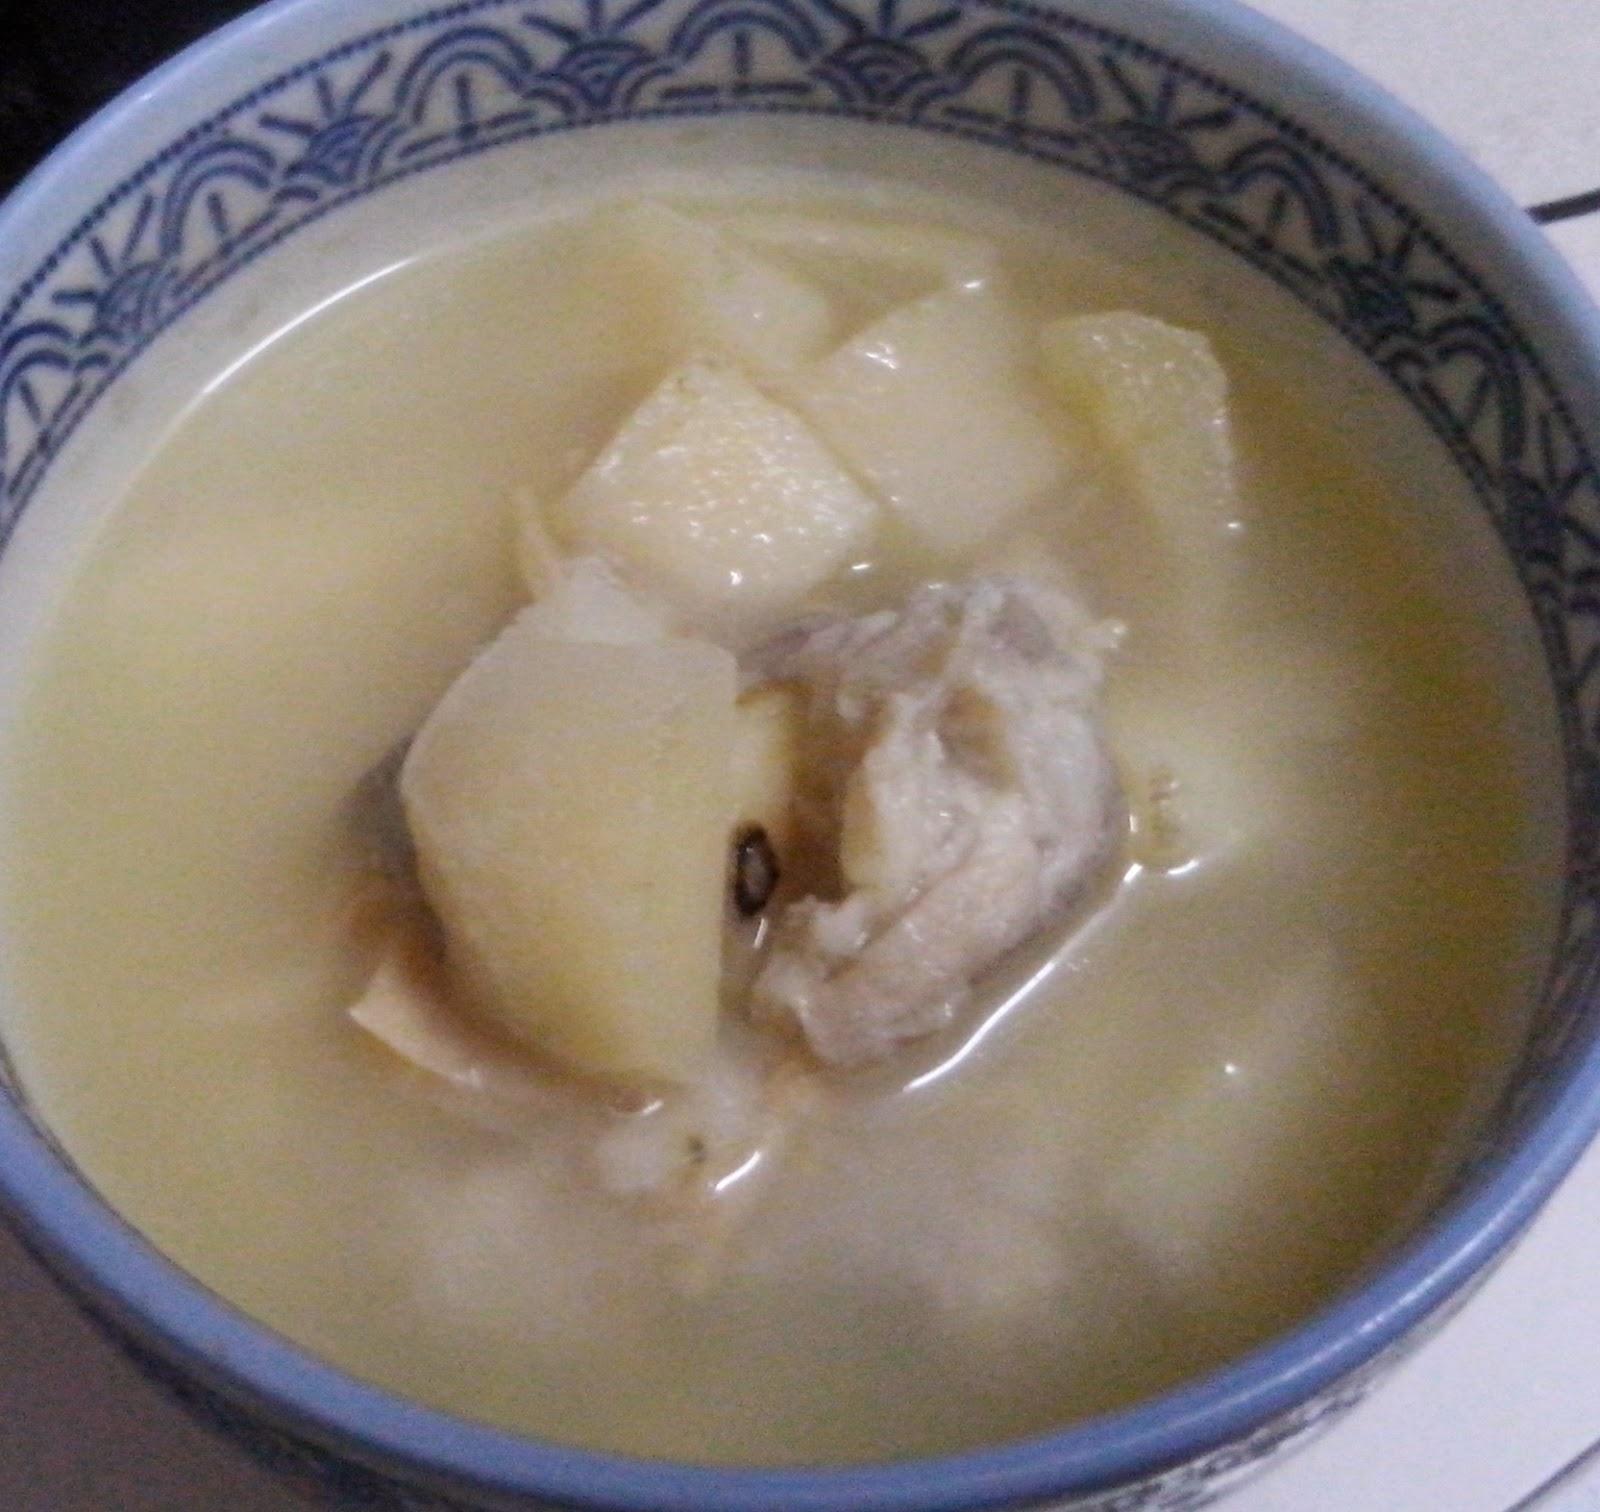 甜心屋: 鮮百合蓮子馬蹄瑤柱瘦肉湯